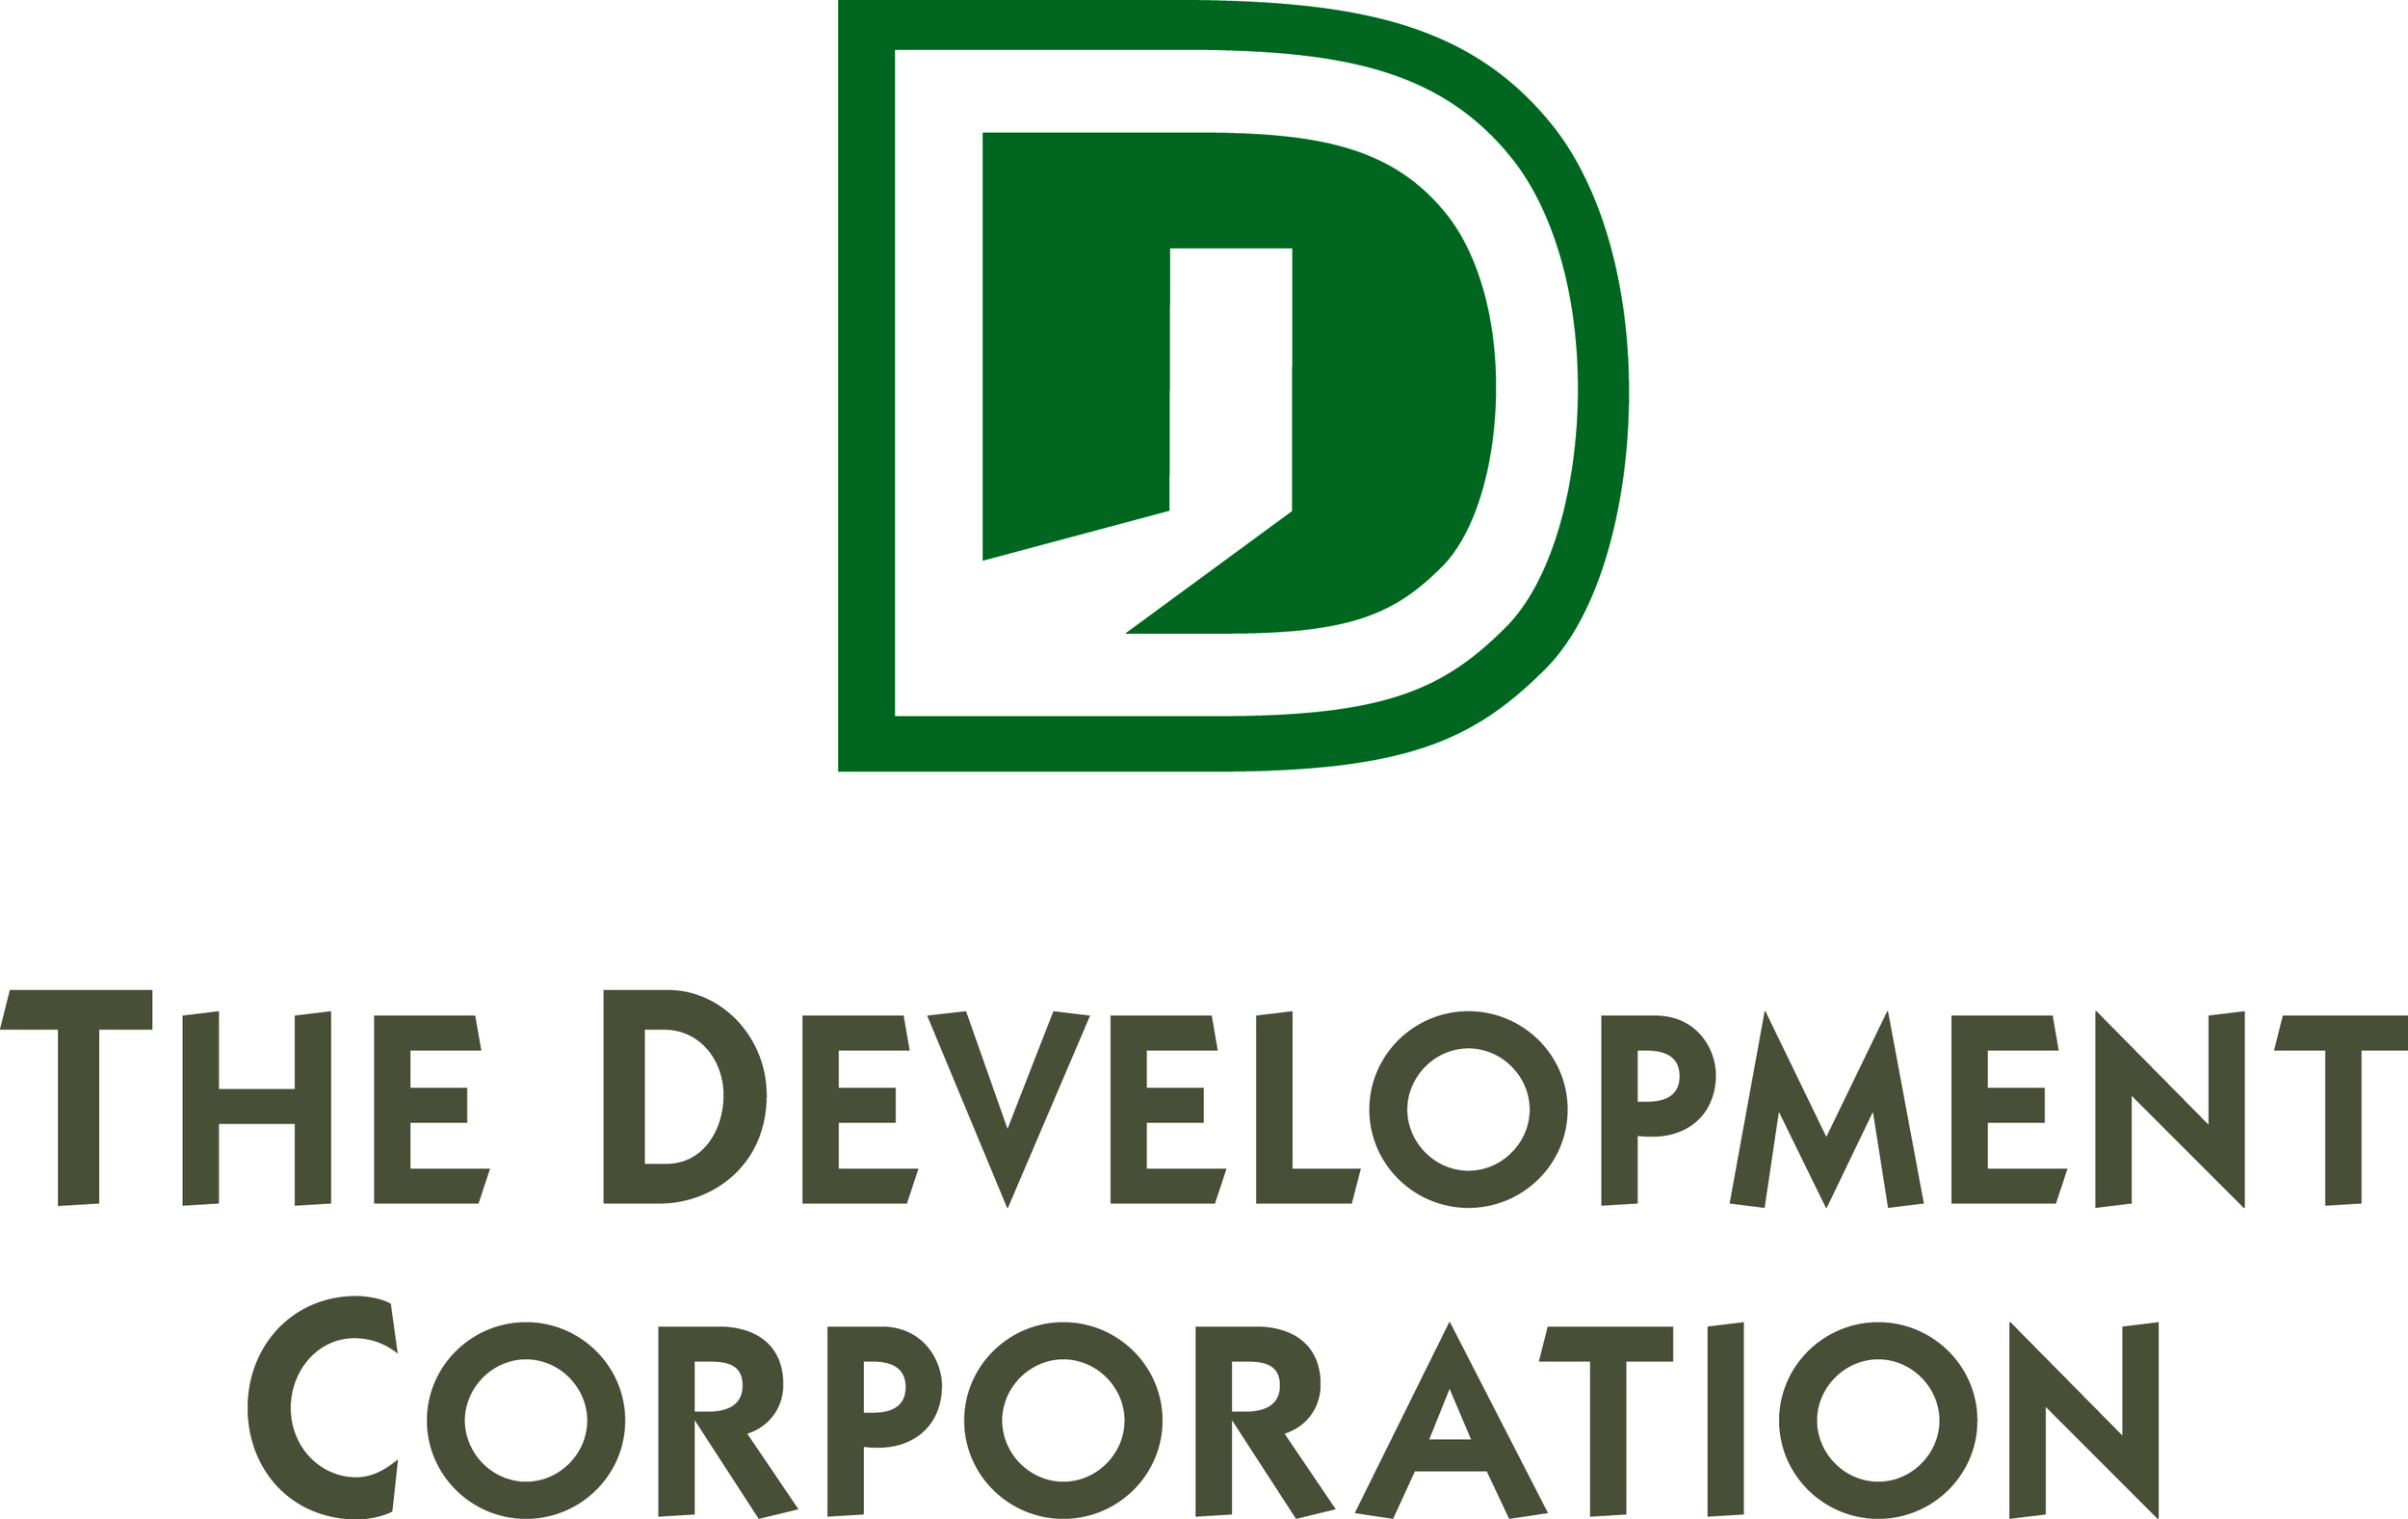 tdc-logo.jpg